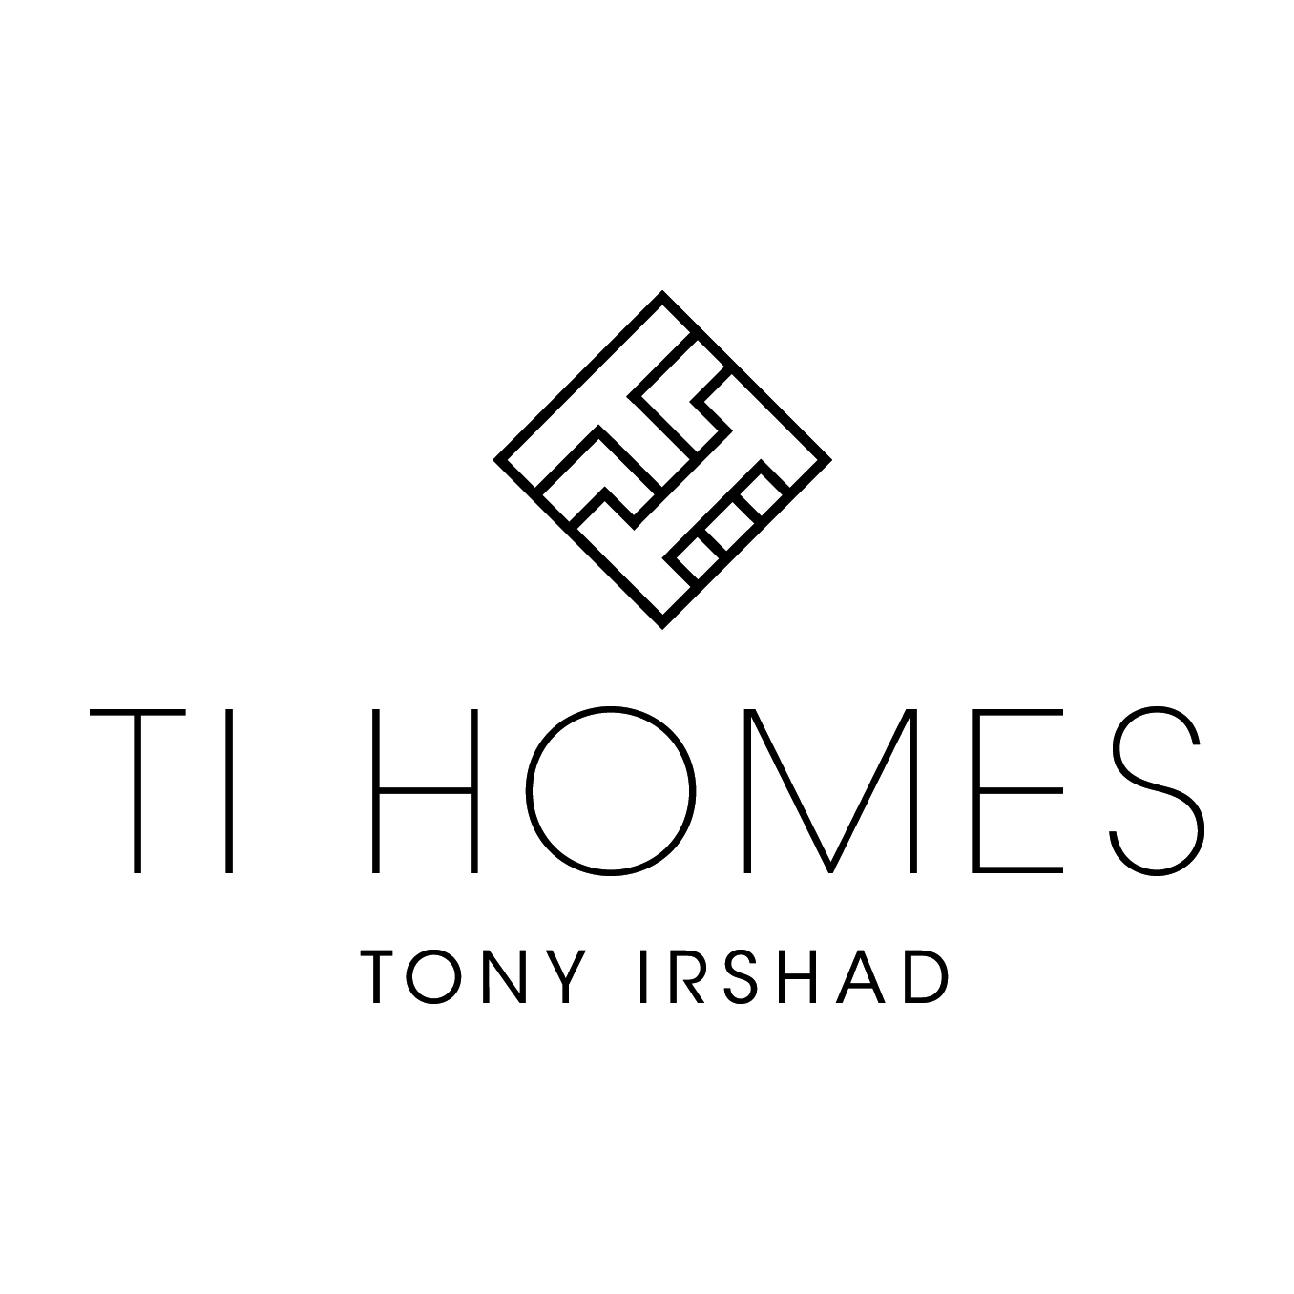 tony irshad